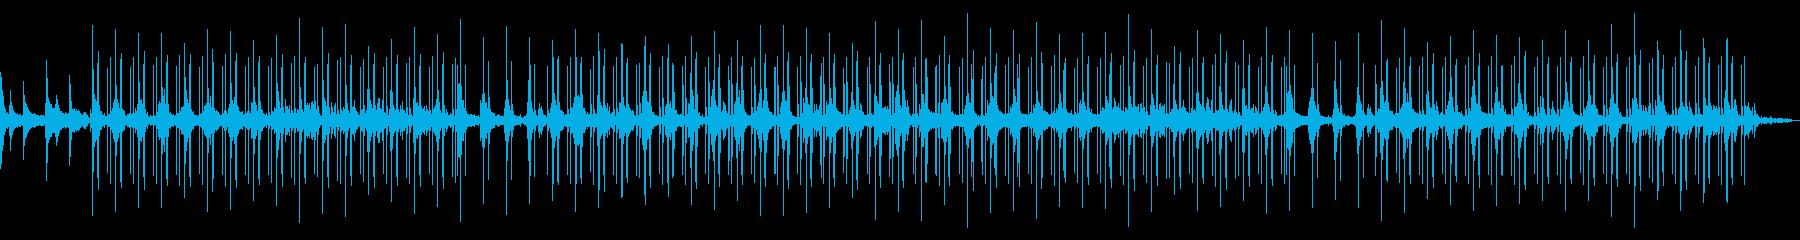 ロング! 雨音のするジャズLo-fiチルの再生済みの波形